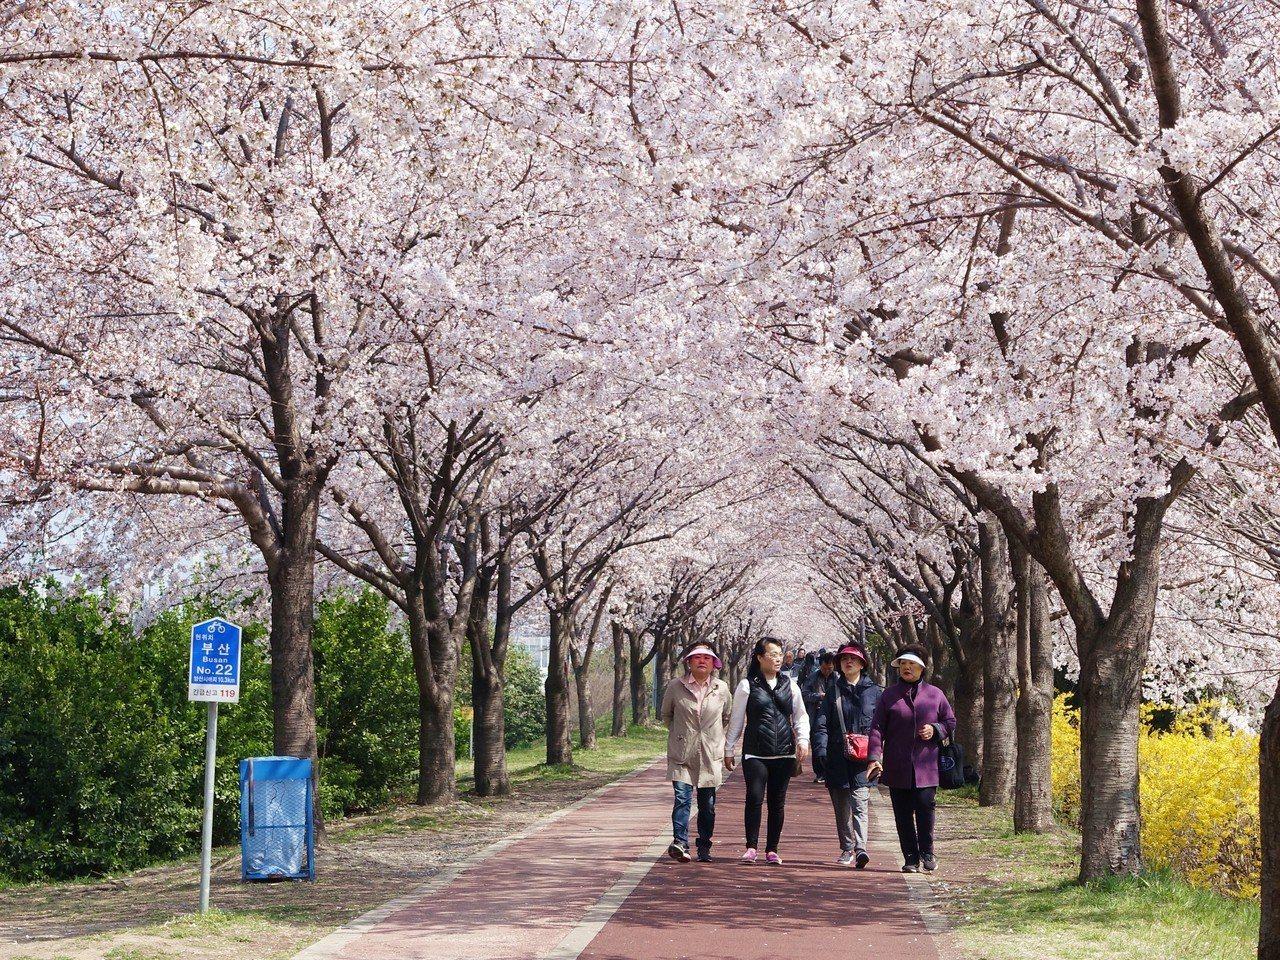 三樂生態公園有看不到盡頭的櫻花隧道。記者張芳瑜/攝影